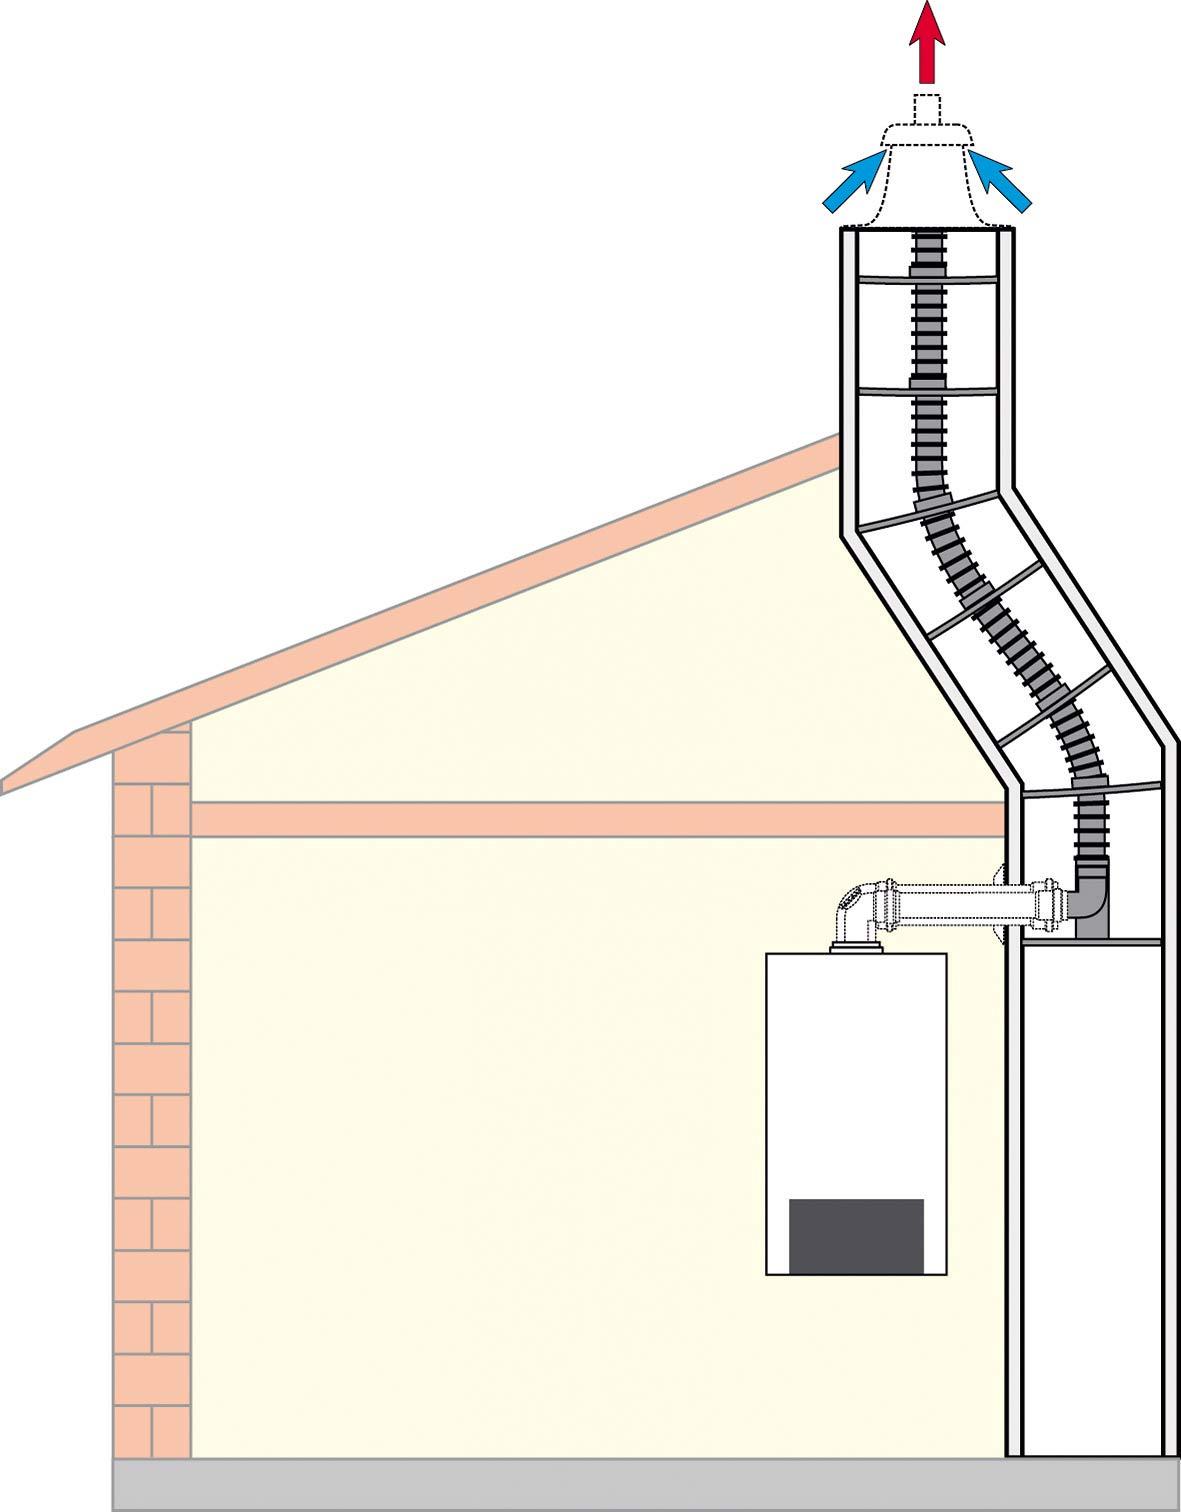 Obr. 4 Při instalaci do zalomené šachty se musí použít flexibilní trubka, zásadně nedoporučujeme používat různé náhradní hadice, které nejsou schváleny jako spalinovod pro kondenzační kotle.